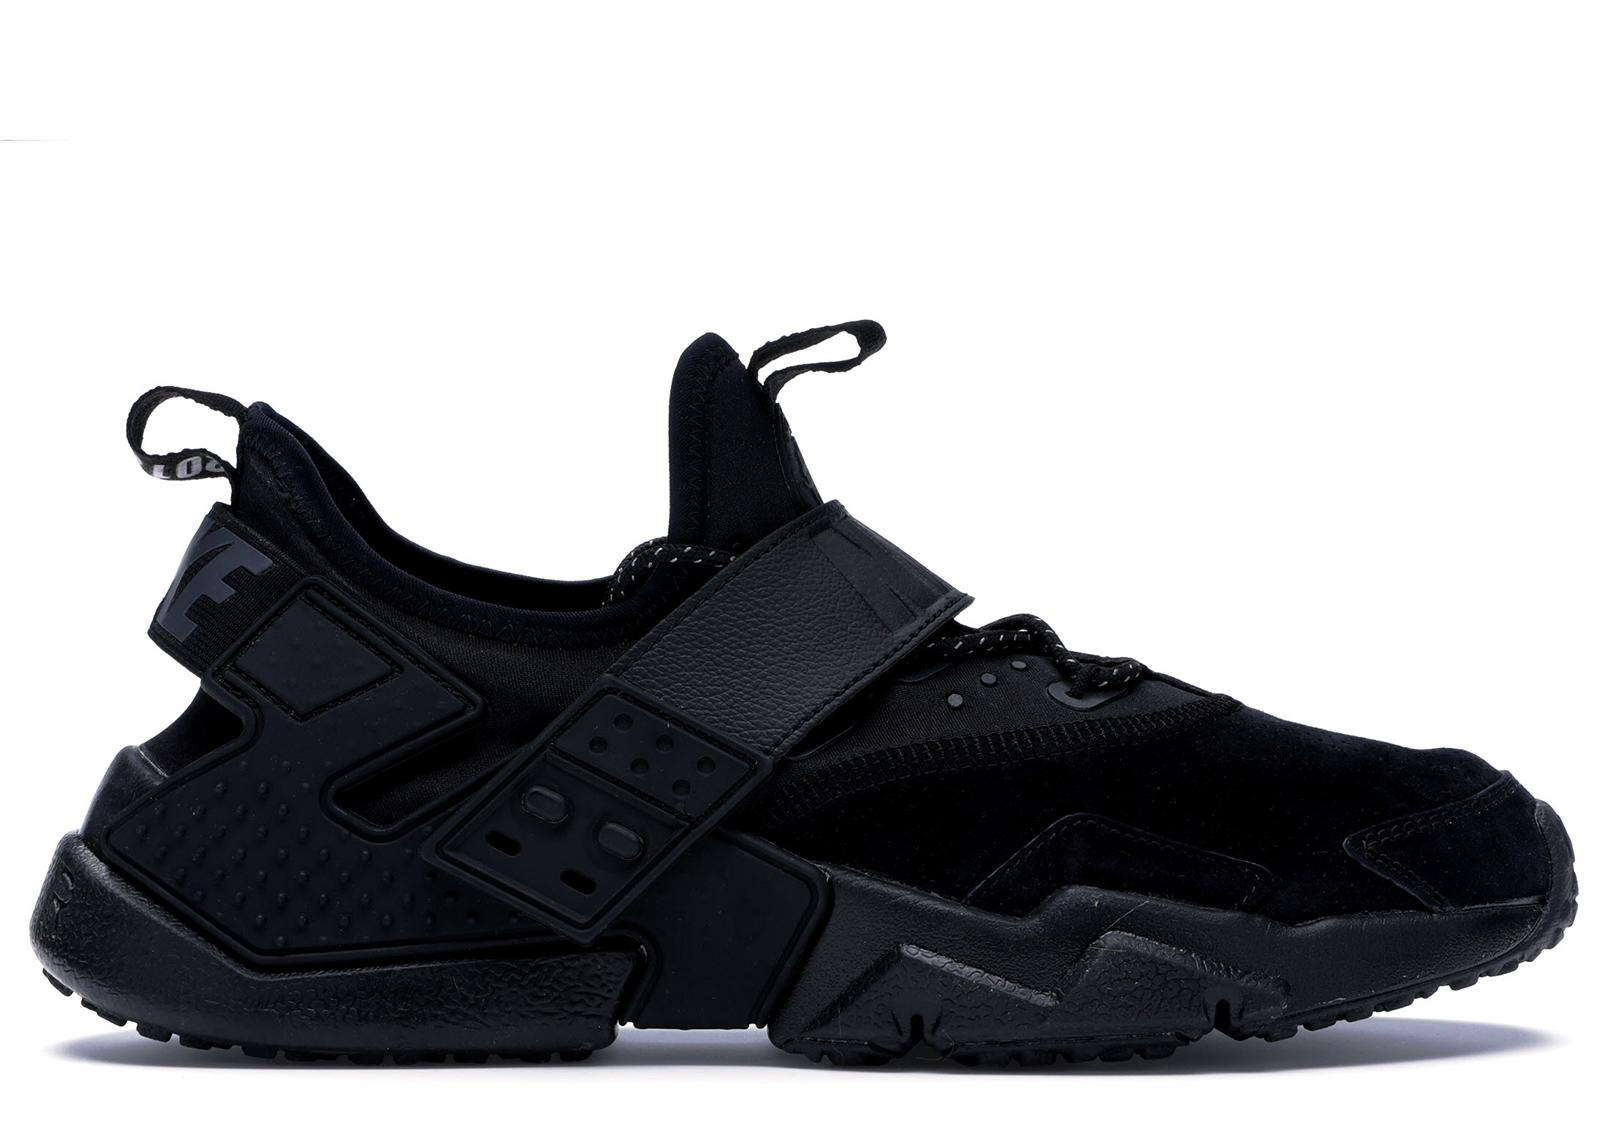 Nike Air Huarache Drift Black - AH7335-001